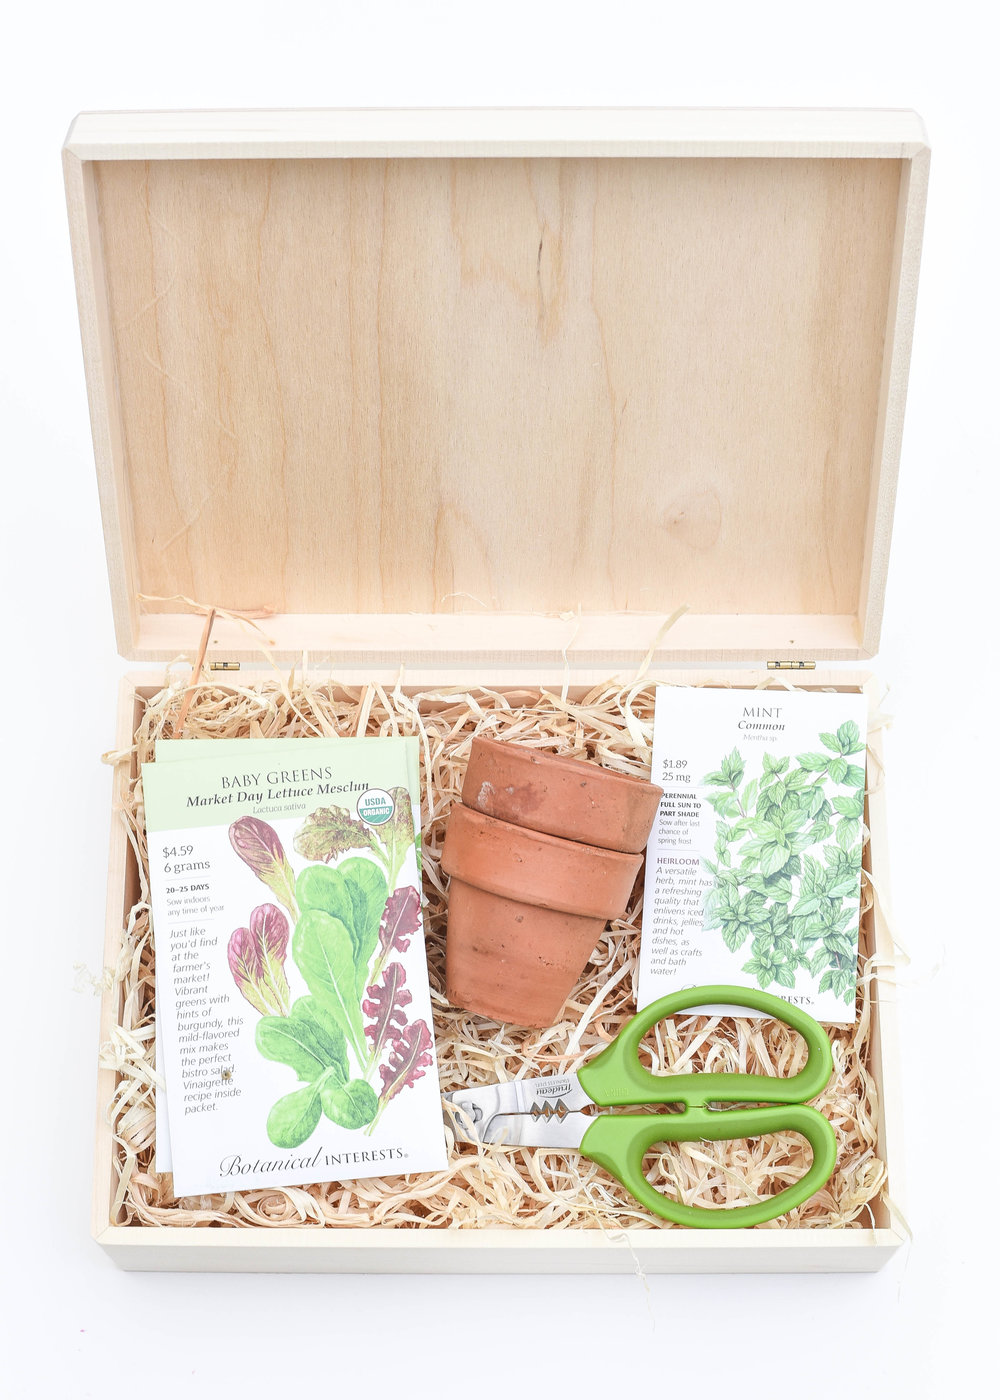 Gardener Gift Set, Herb Garden Gift Guide, Herb Garden Gift Set, For the Chef's Garden, Iron and Twine Gift Guide